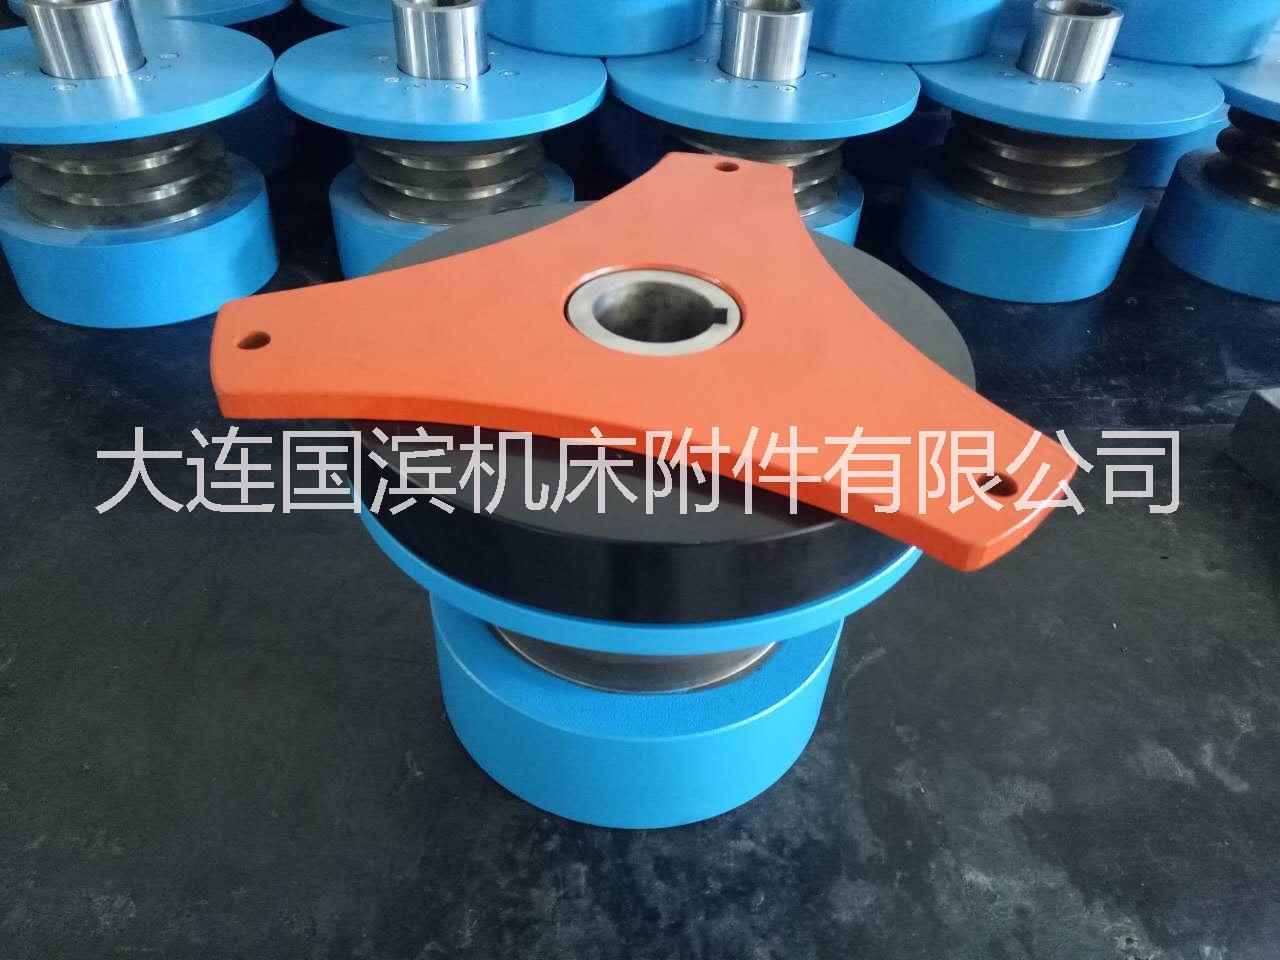 大连数控机床 CKA6150 双速离心电磁制动器LL10-16DA数控机床原厂电机刹车